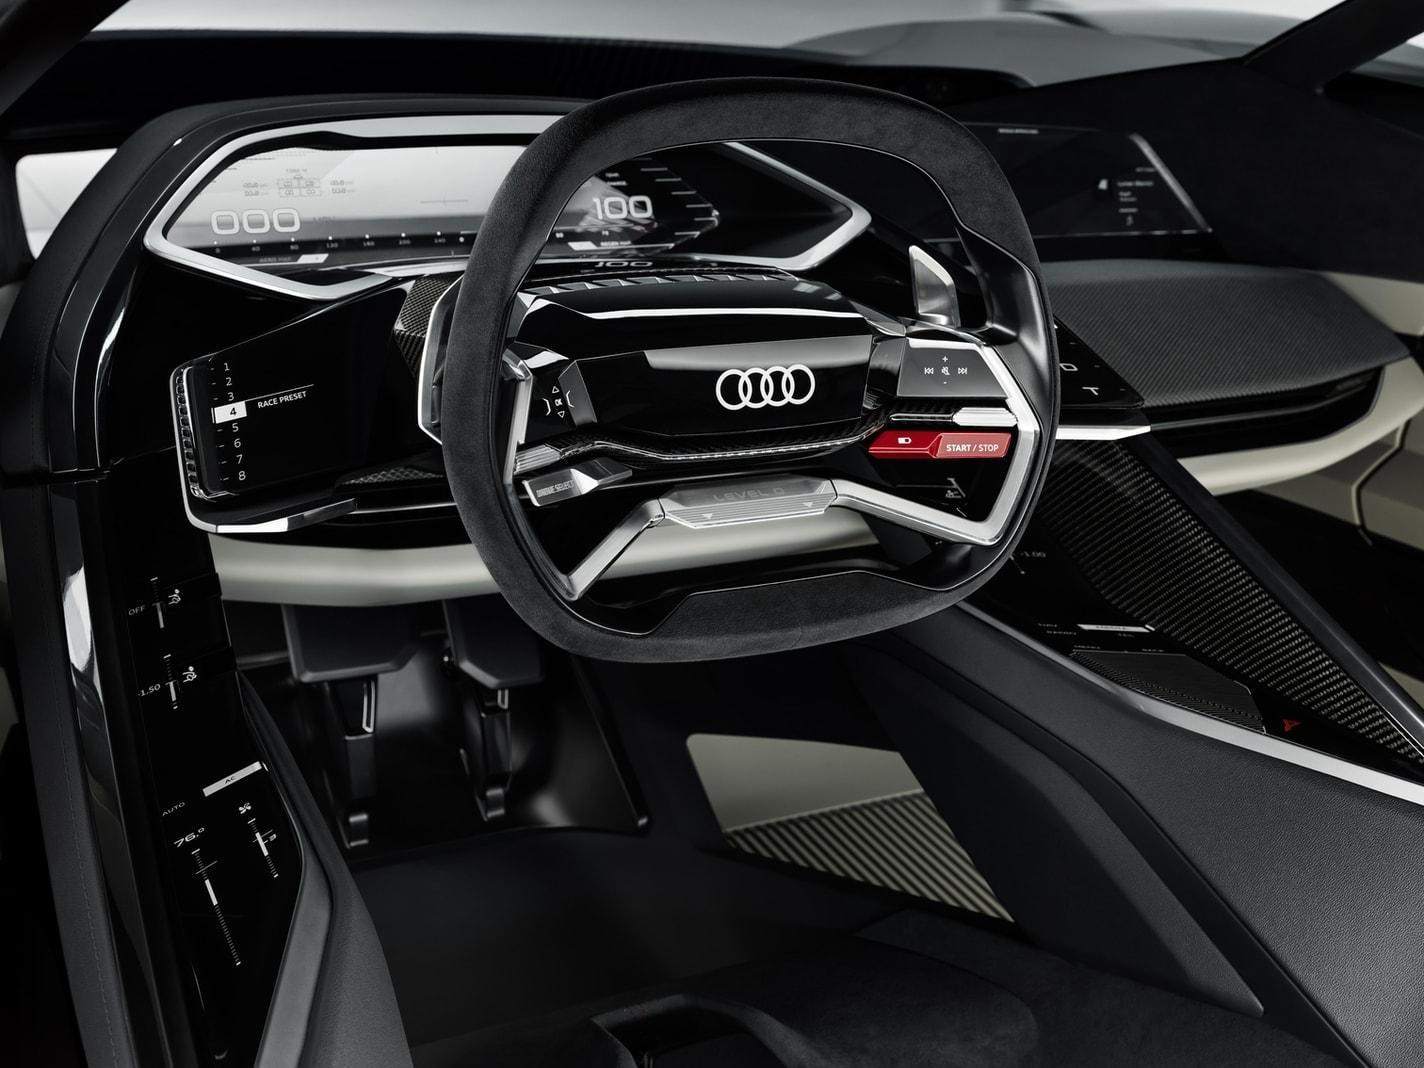 <p>Es gibt keinerleikomplexe Systeme fürs pilotierte Fahren und keine gewichtstreibenden Komfort-Attribute.</p> Foto: AUDI AG